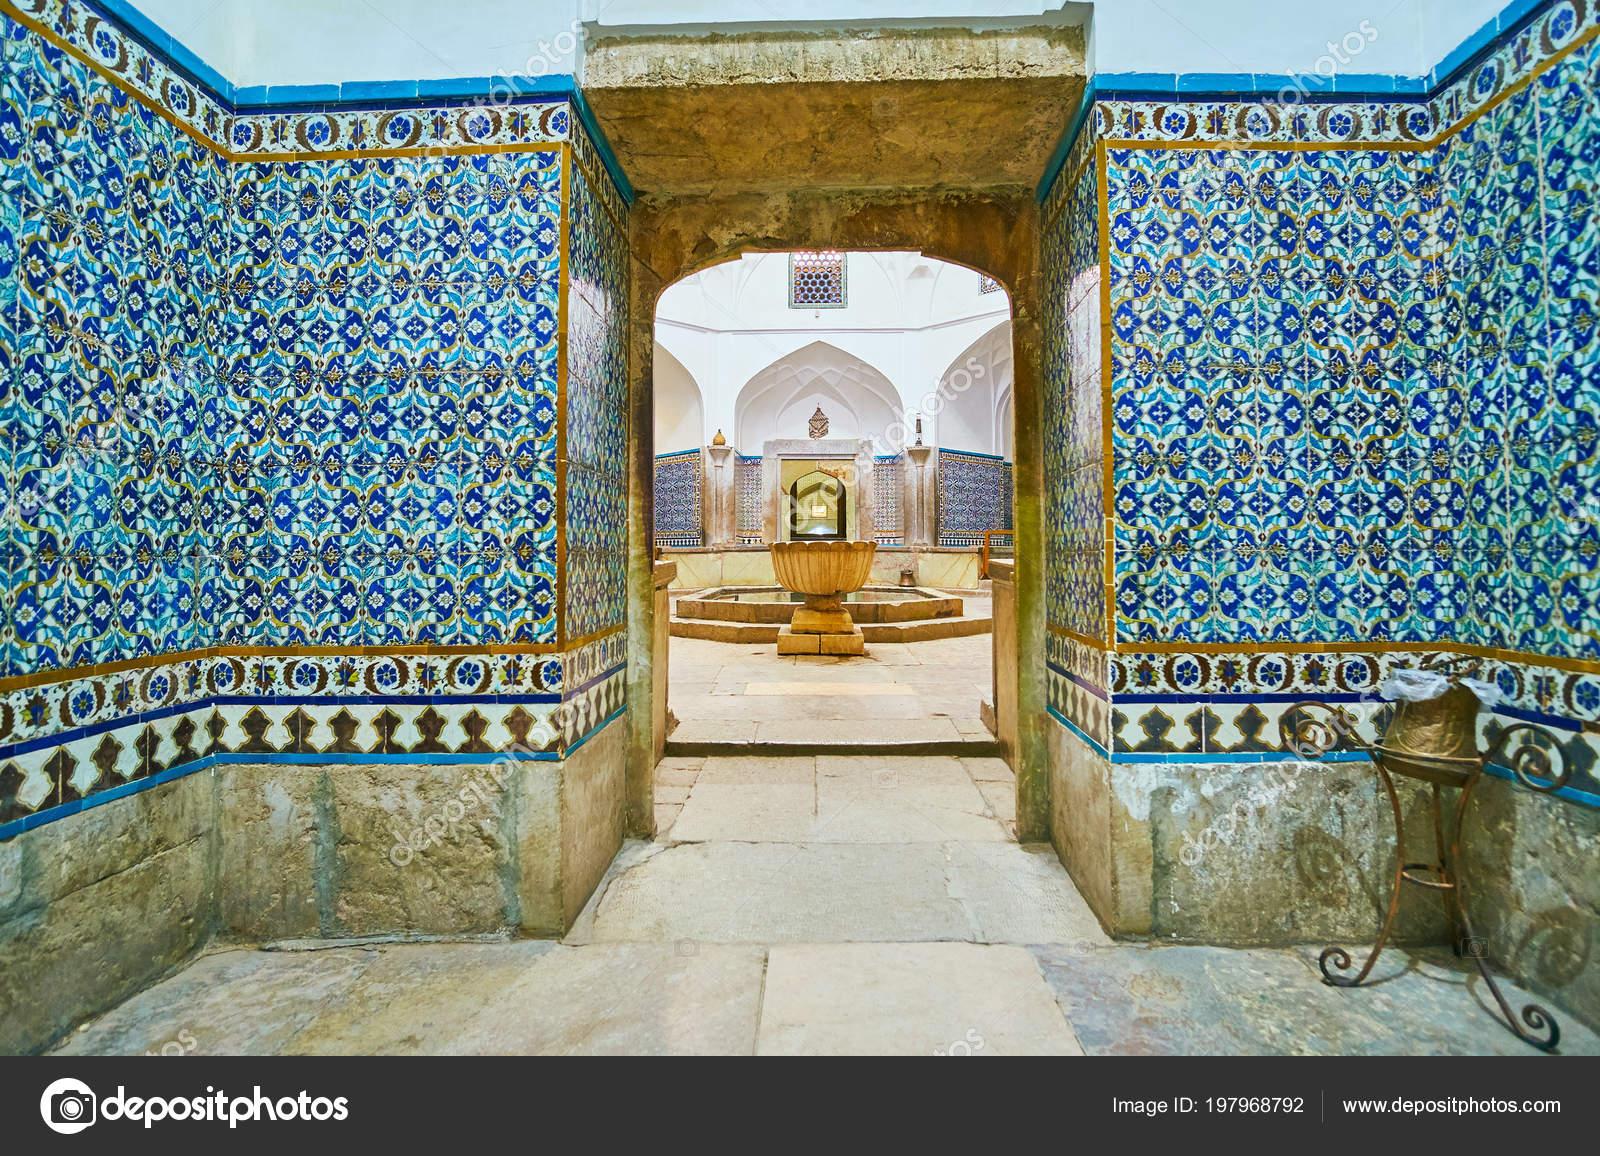 Kerman iran oktober 2017 smalle corridor met betegelde patronen